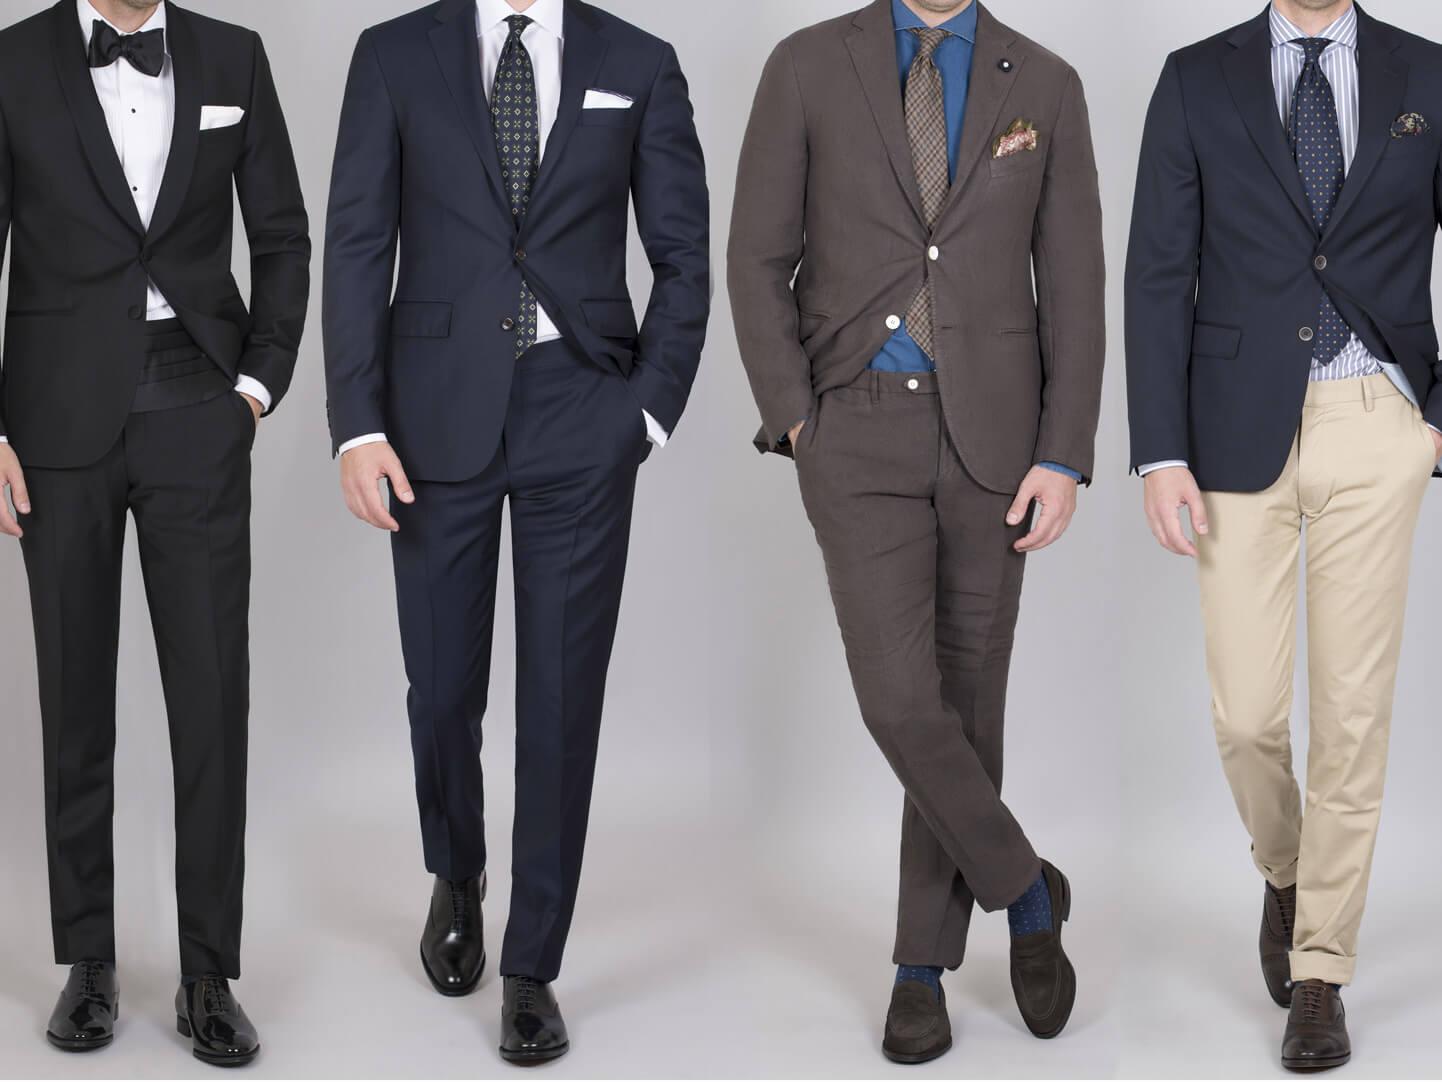 c1fbd458150 En kort guide till klädkoder | CareOfCarl.com